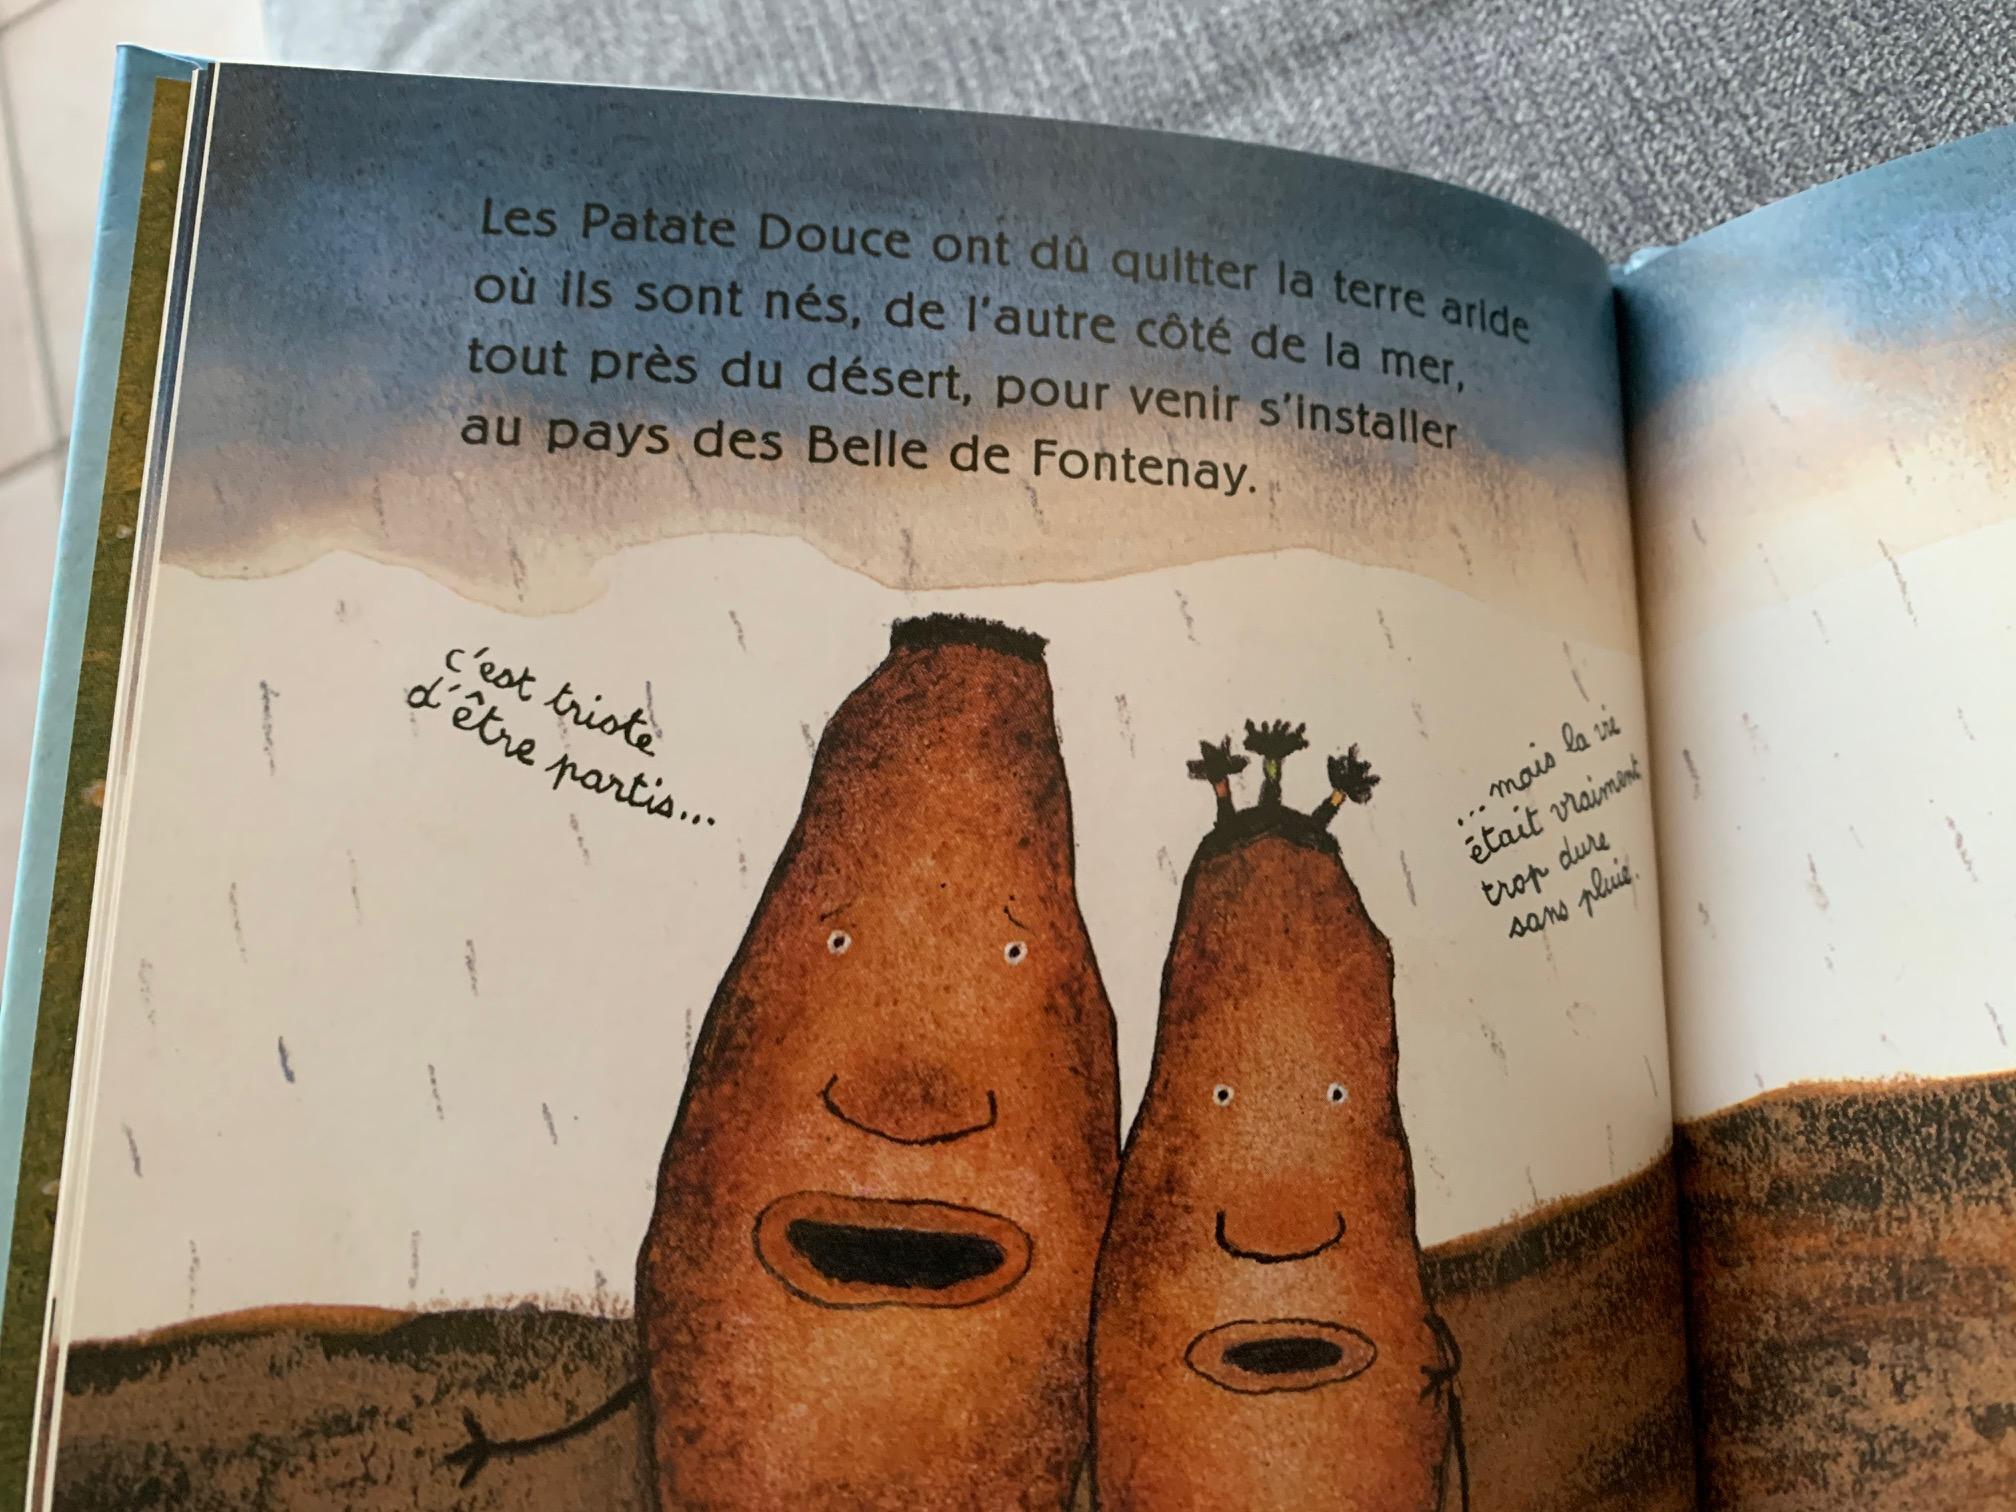 diverse stiluri frumuseţe stiluri de moda Patates ! Un livre pour sensibiliser les enfants au racisme - Papa positive  !